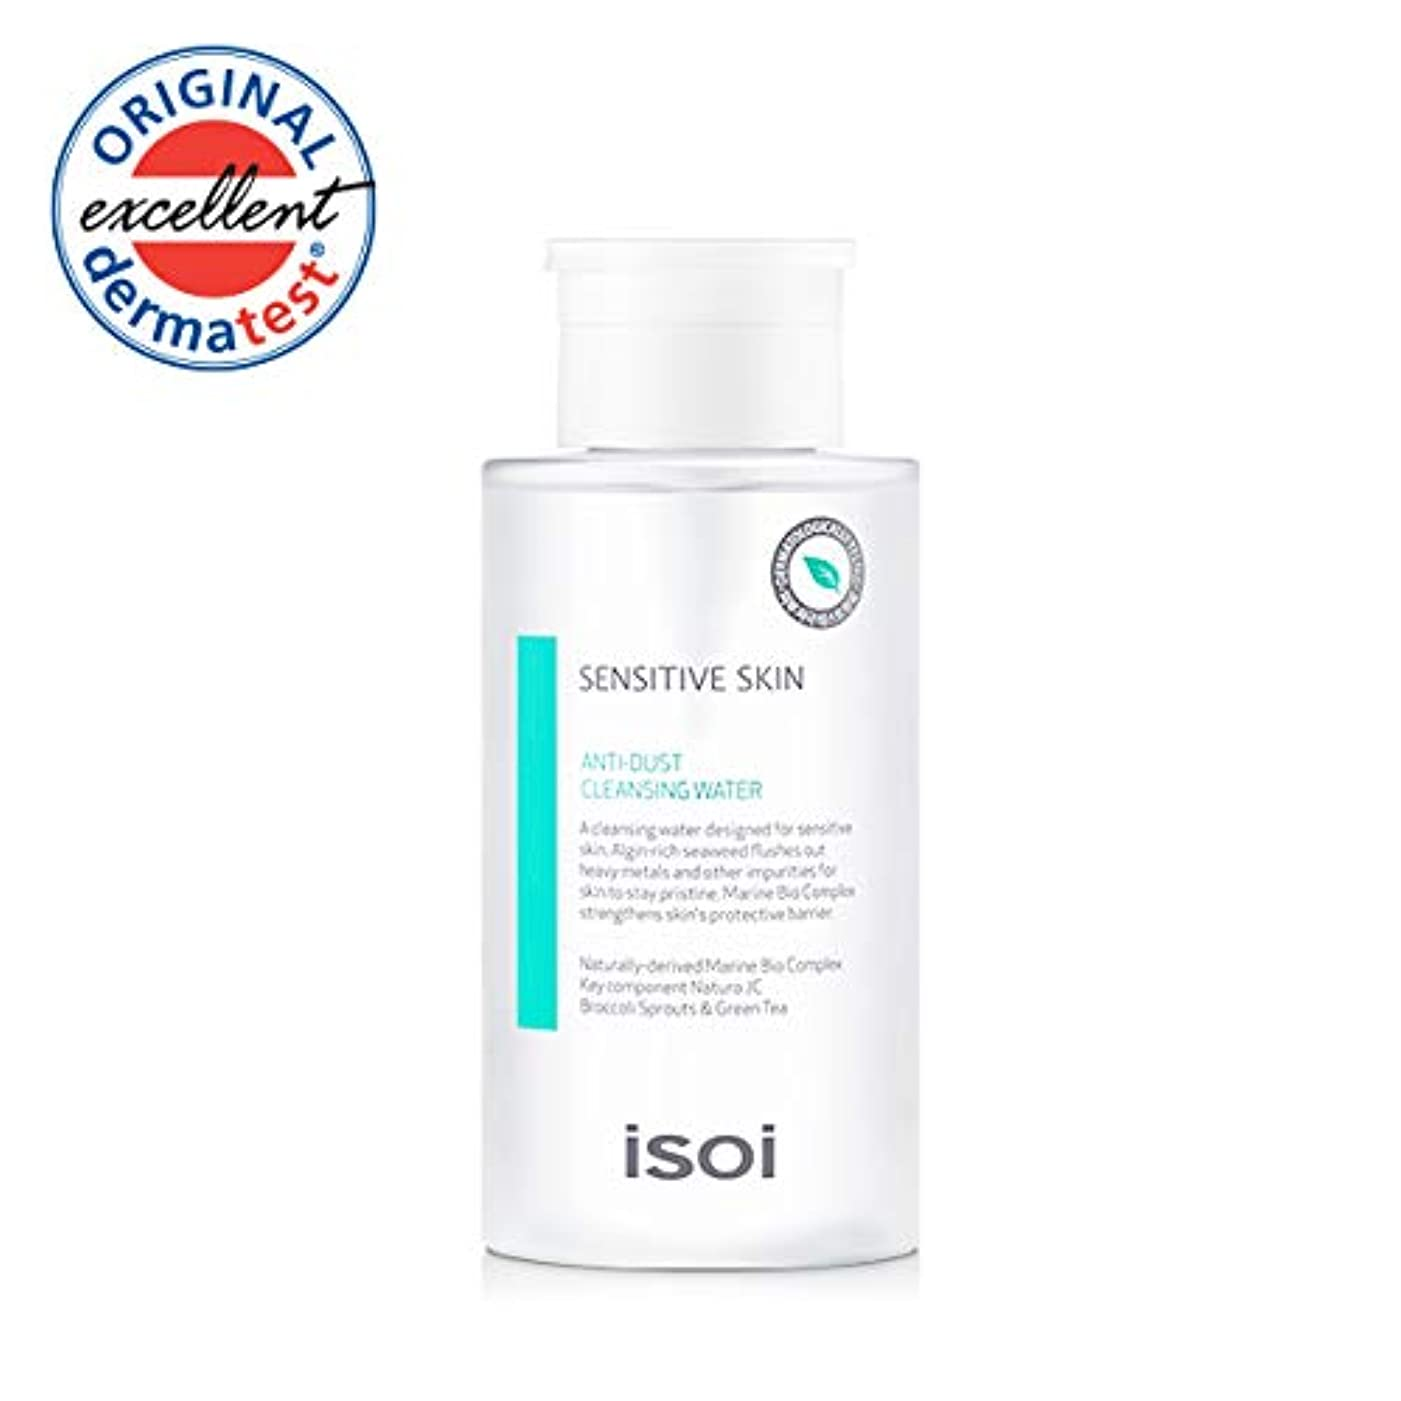 厚い染色アルカイック[ISOI] アイソイセンシティブ·スキン·アンチ·ダスト·クレンジングウォーター 300ml / ISOI SENSITIVE SKIN ANTI-DUST CLEANSING WATER 300ml [並行輸入品]